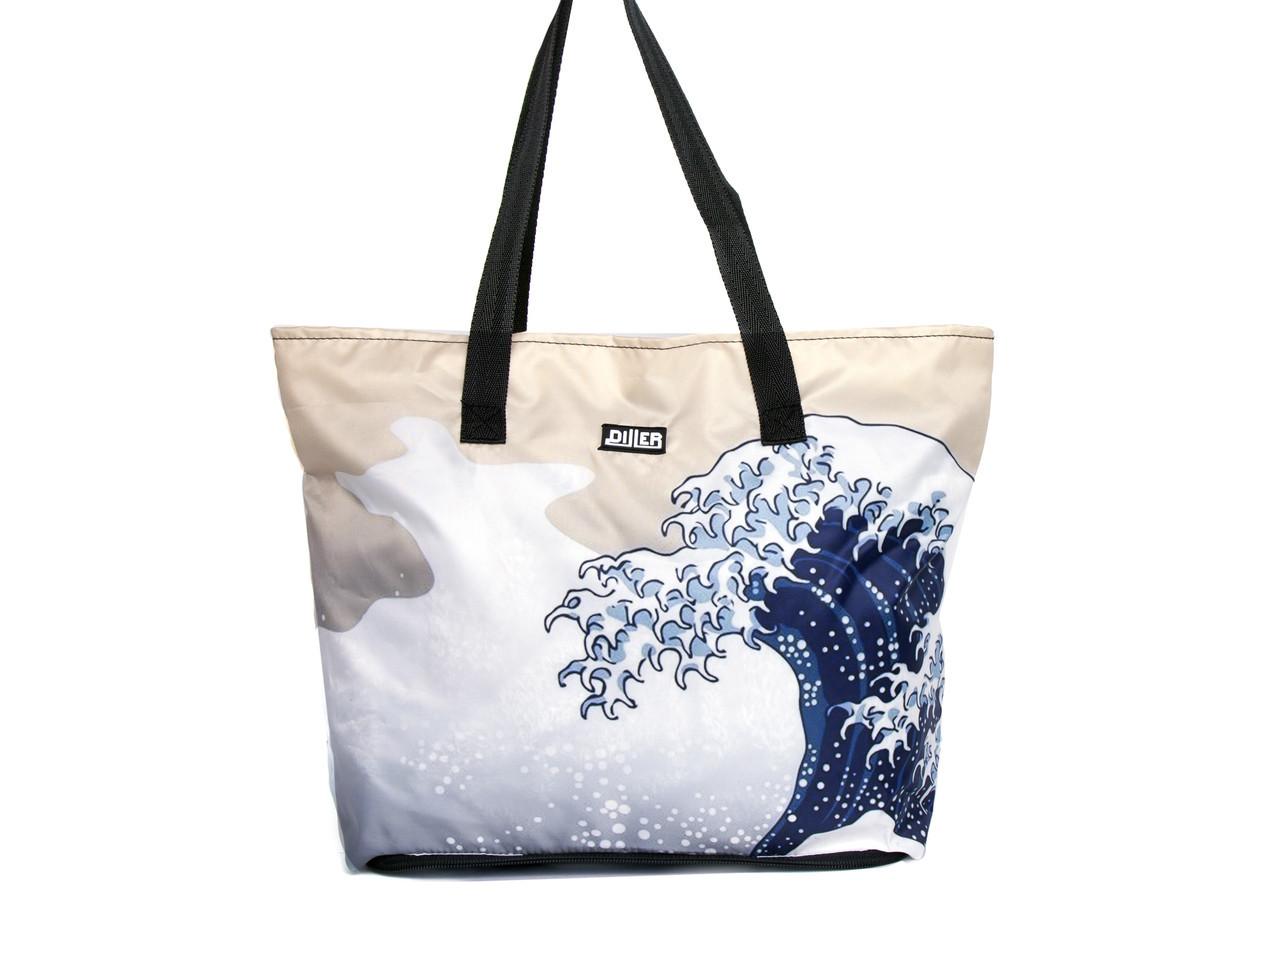 Шоппер Diller Kanagawa Wave